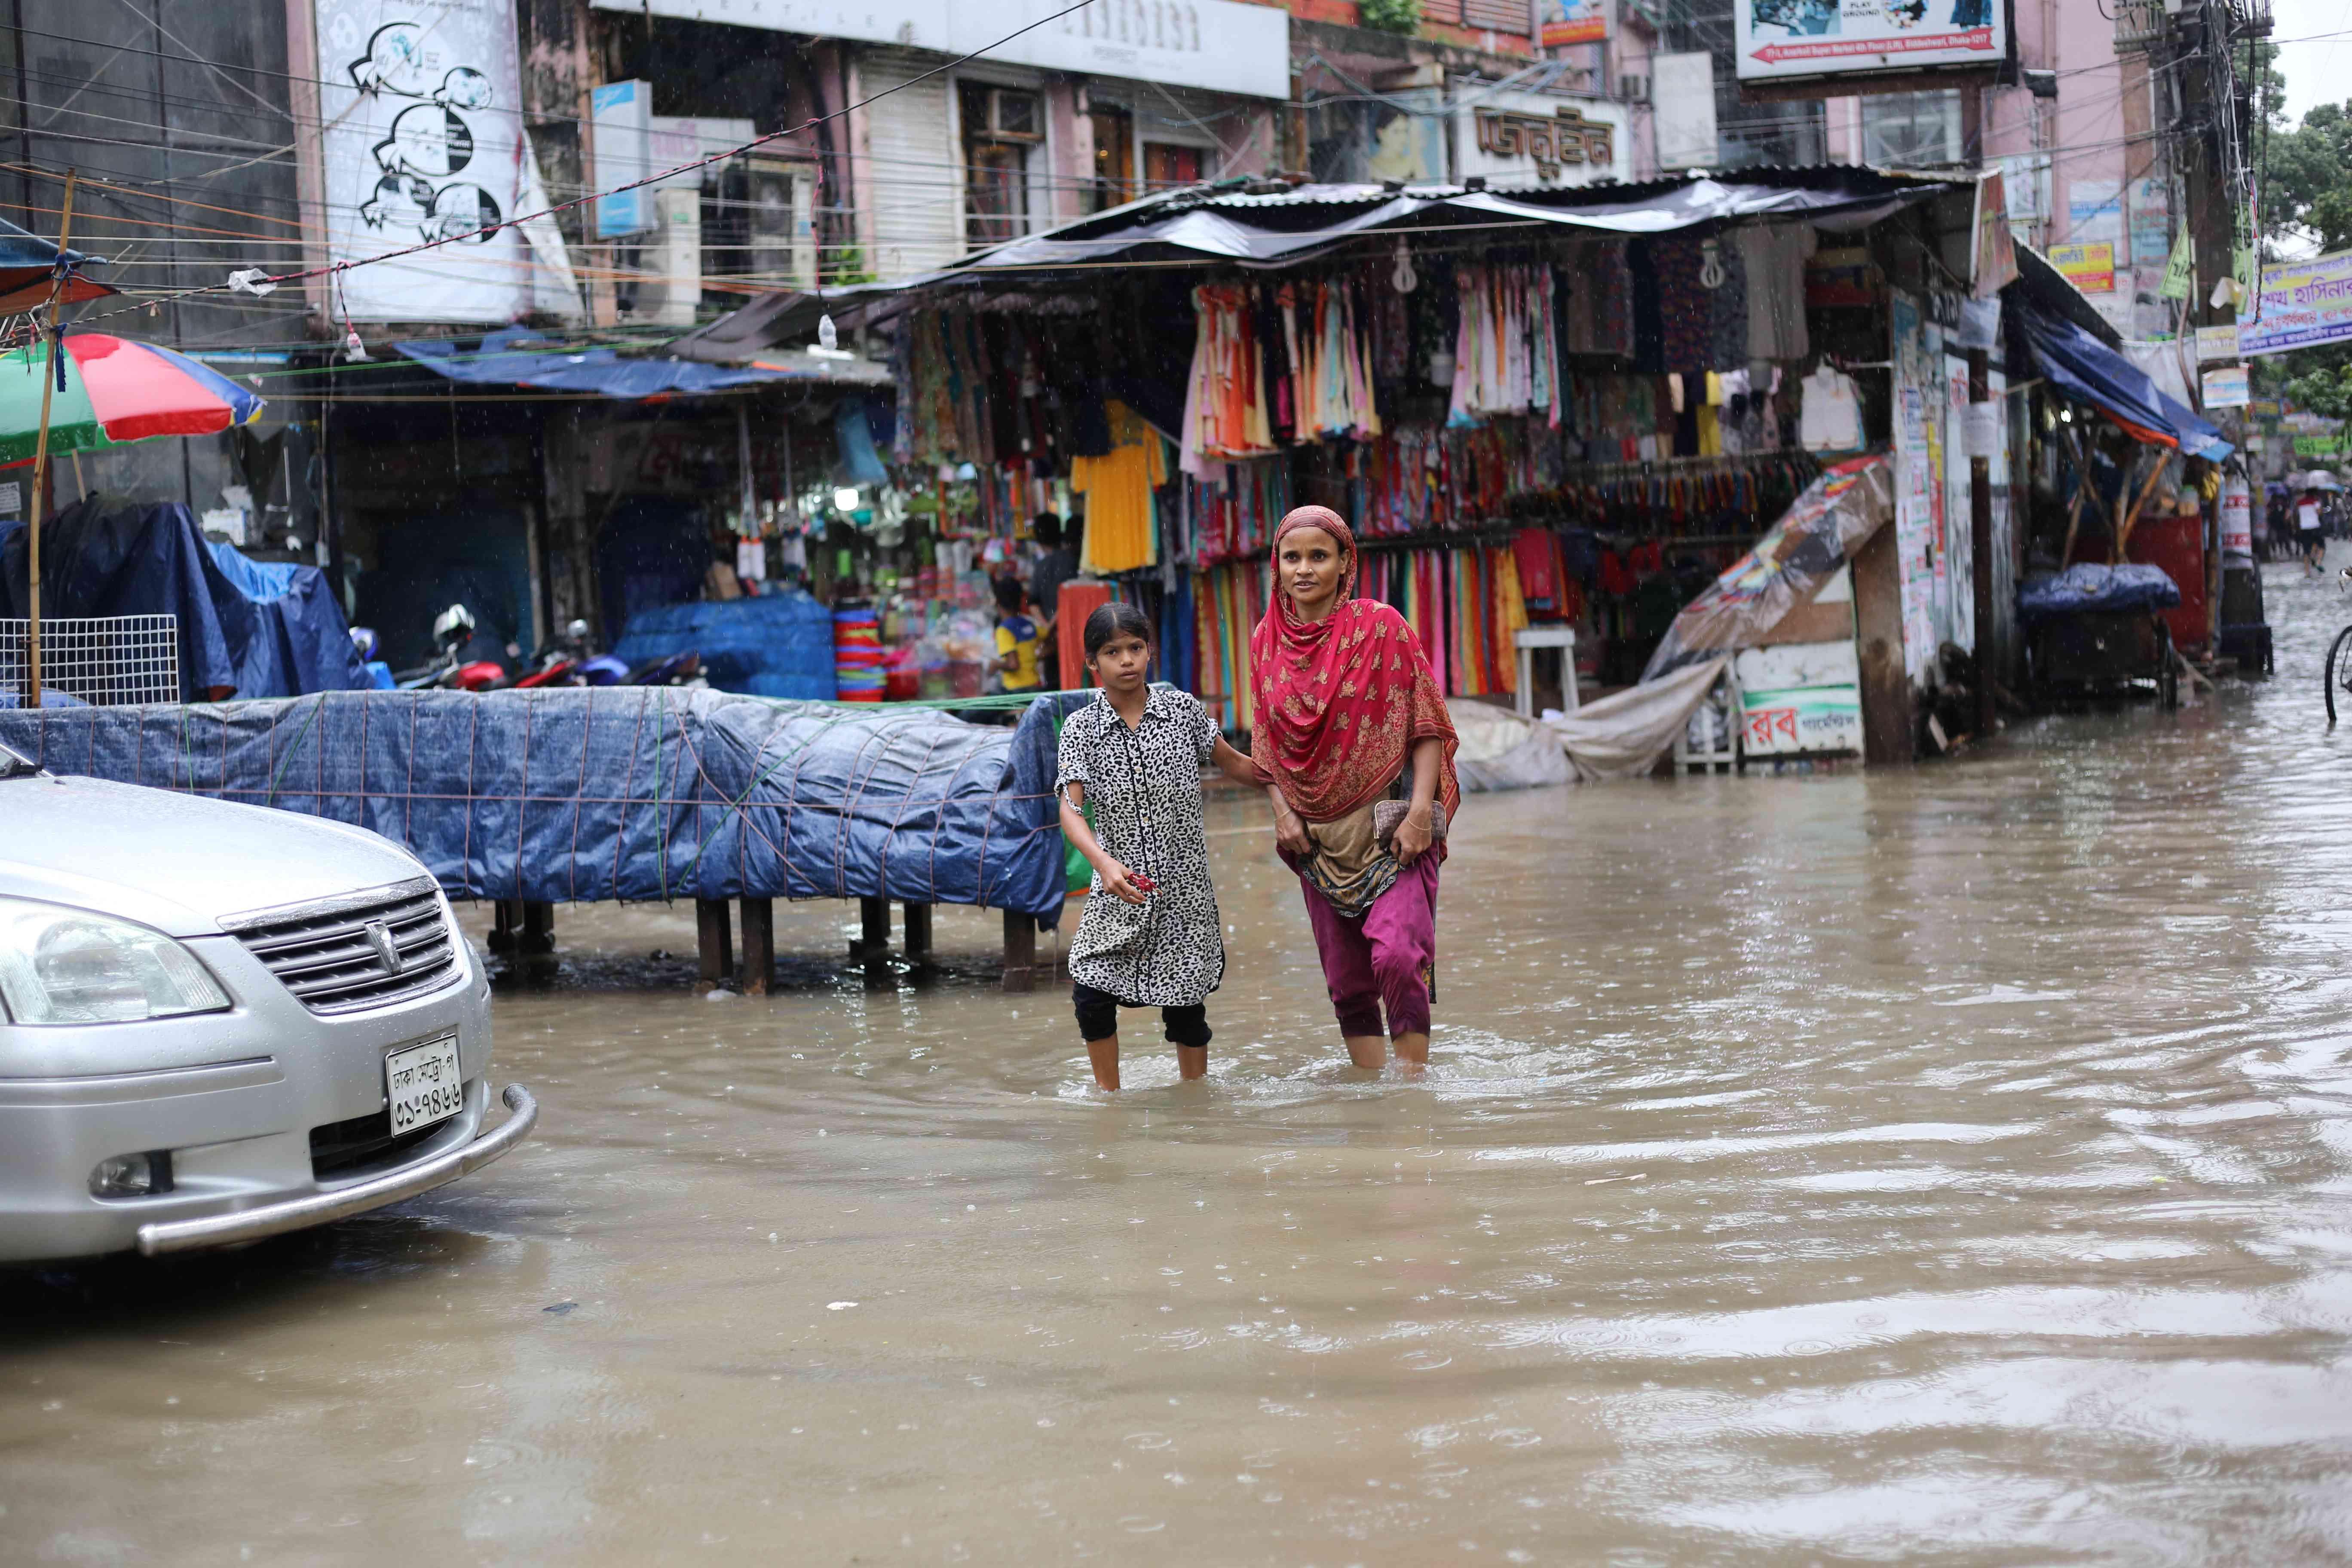 Rainfall in Dhaka